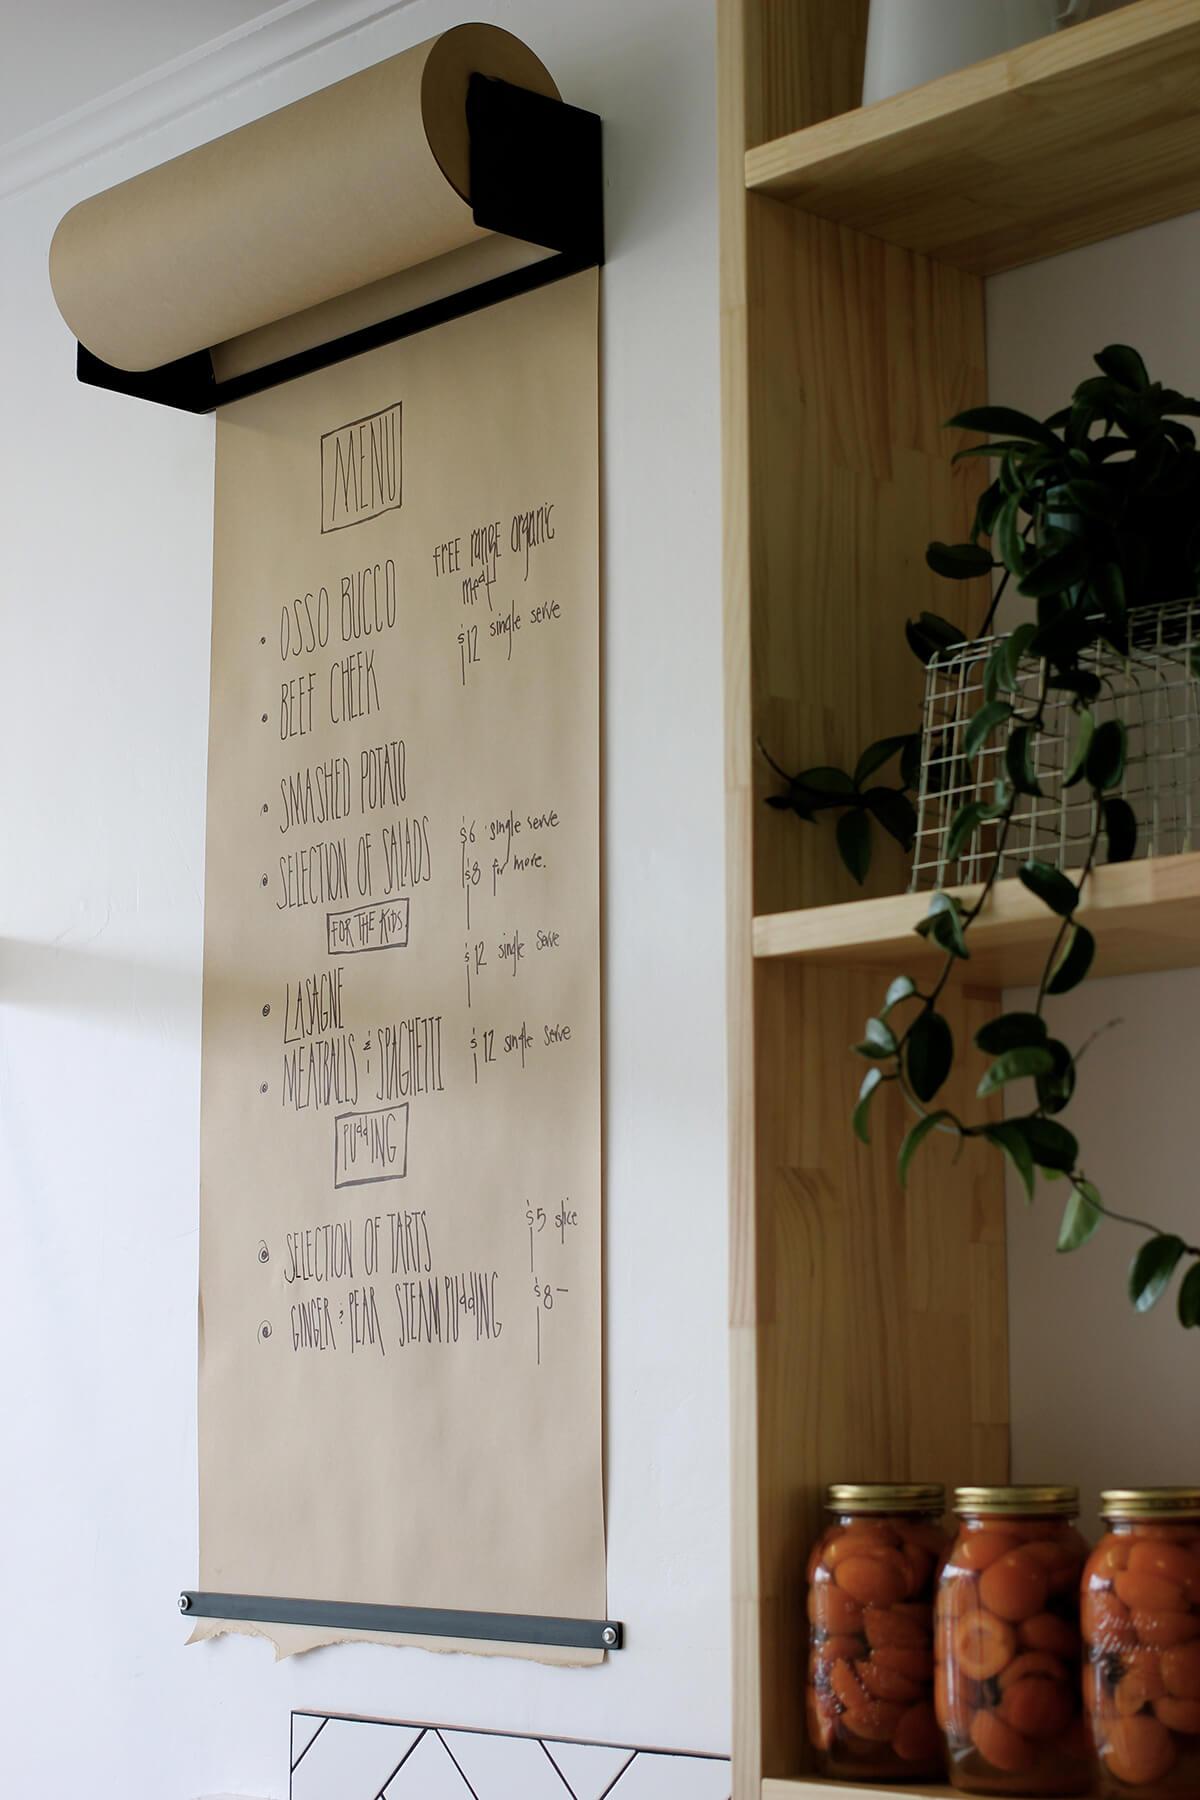 घर में कोई पुरानी तख्ती या लकड़ी का टुकड़ा पड़ा है तो उसे आप किचन मैन्यू के लिए यूज कर सकते हैं। आप चाहें तो मैन्यू के लिए पेपर का चूज भी कर सकती हैं।